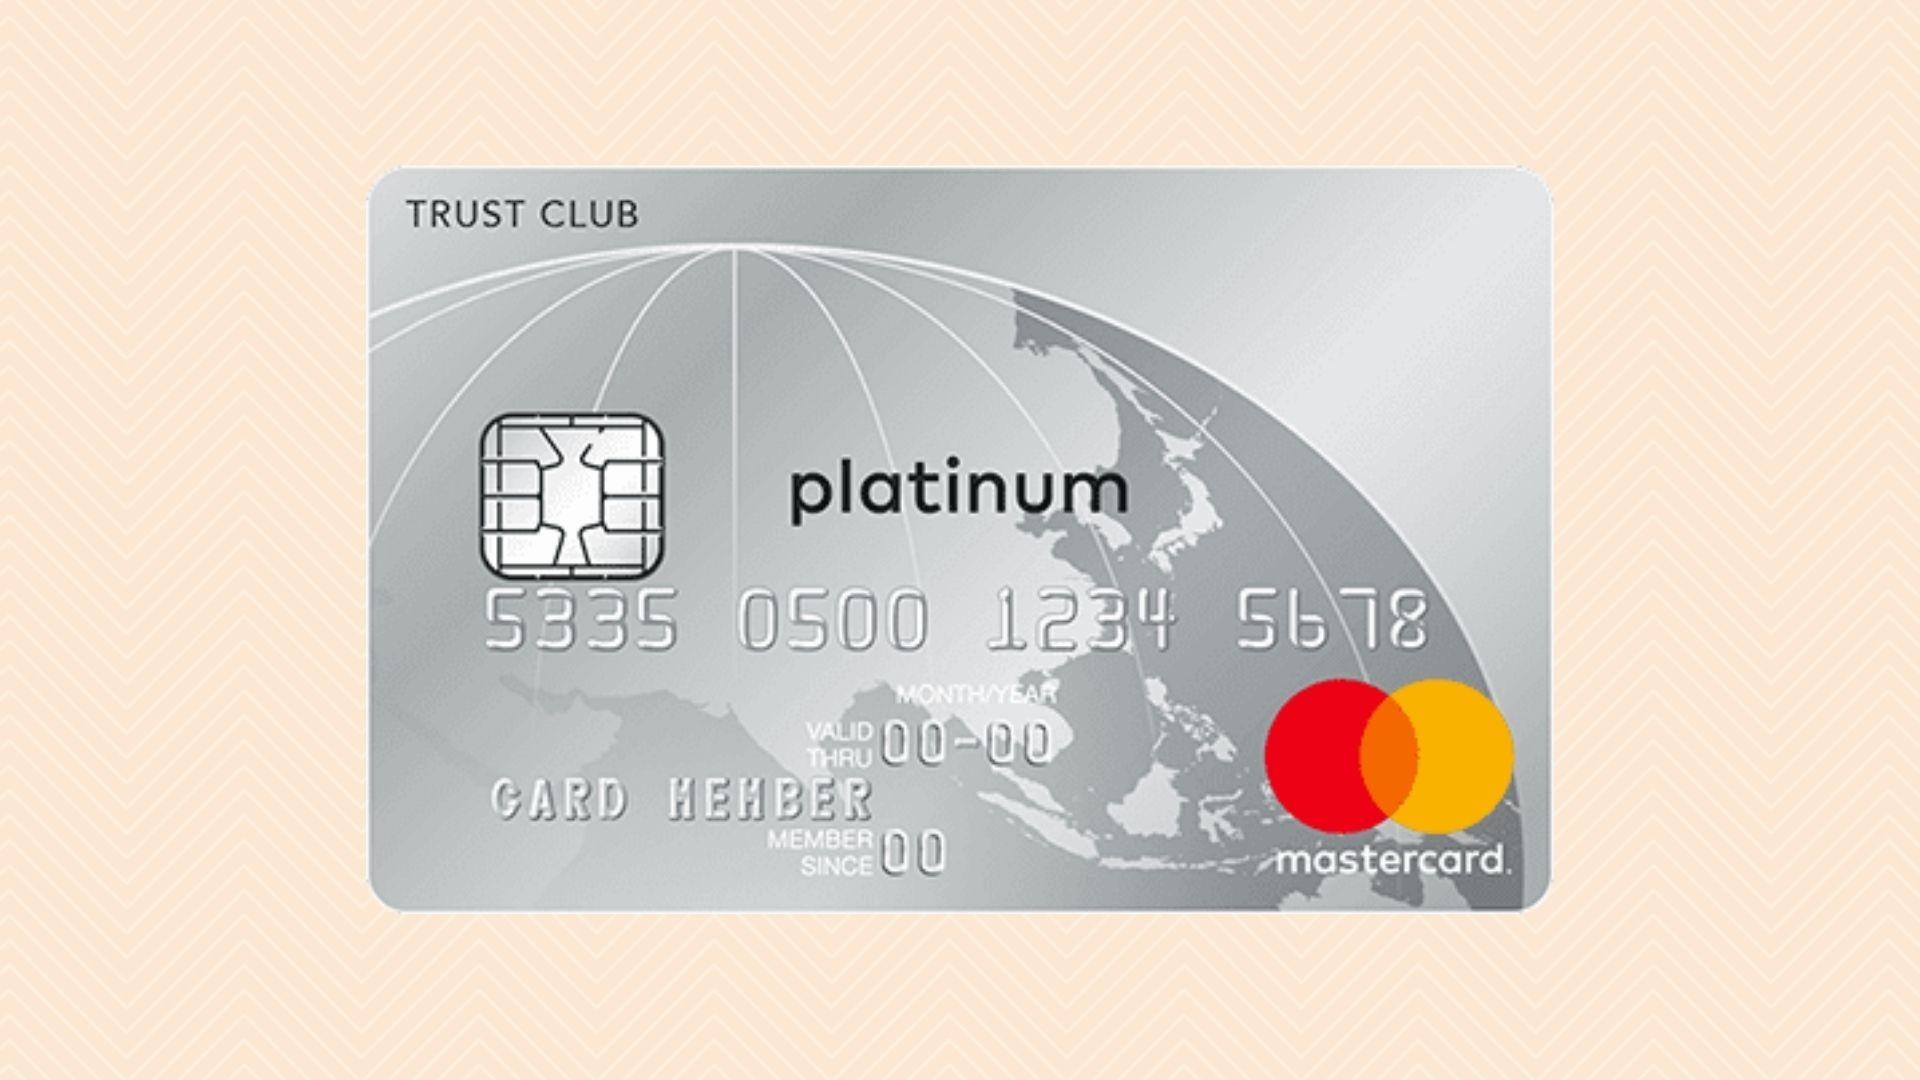 TRUST CLUB プラチナマスターカードの審査やラウンジ利用など解説